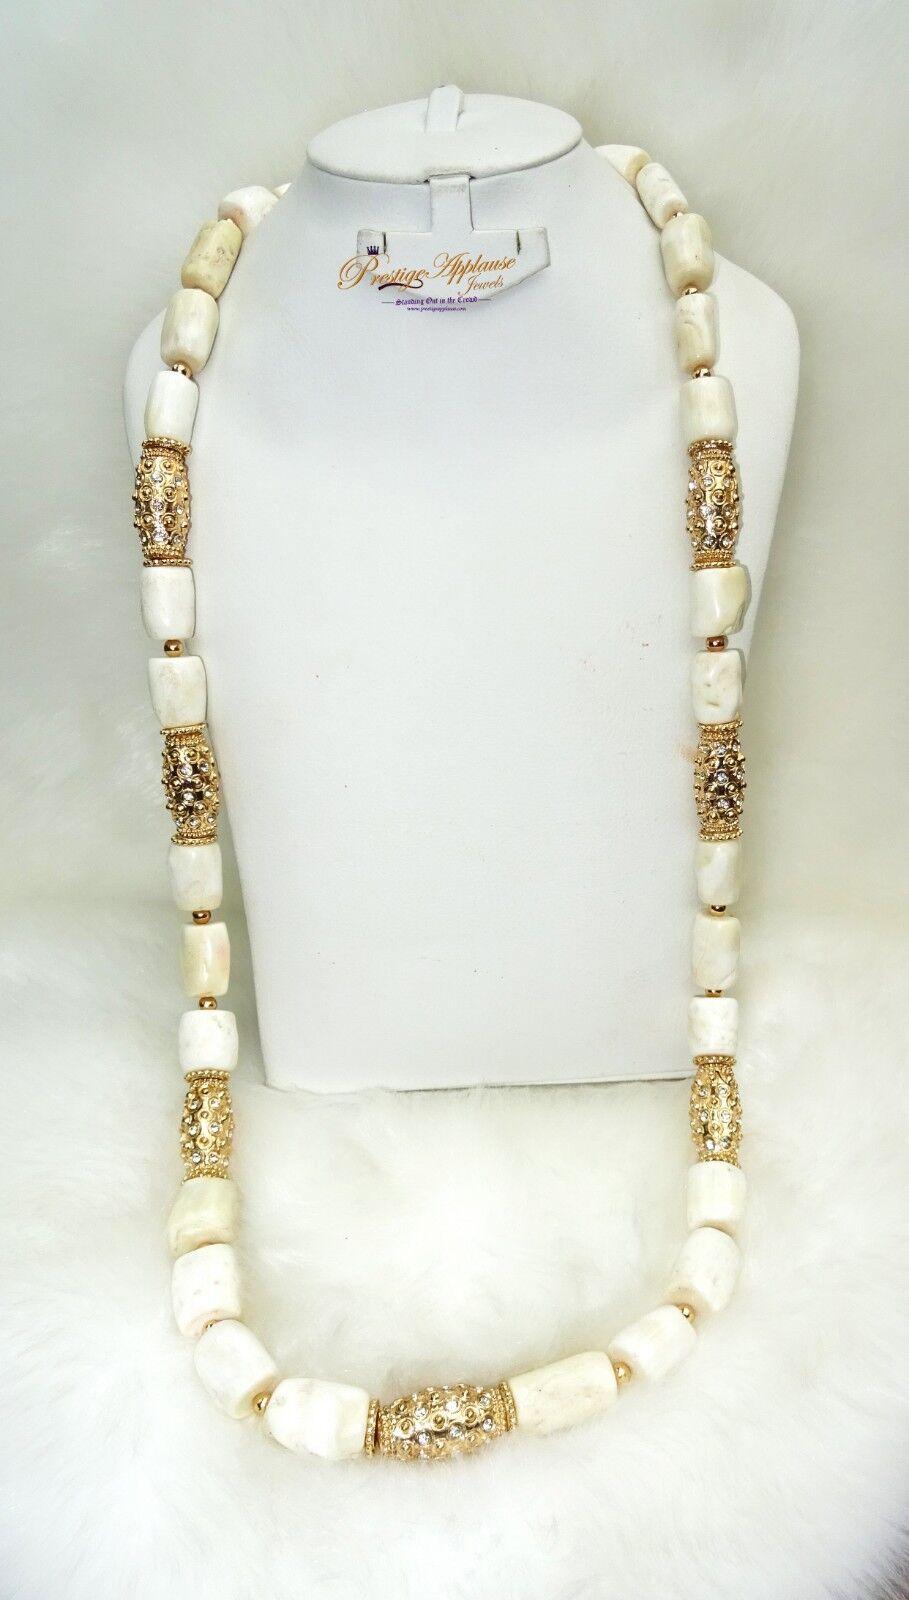 Prestigeapplause unisex bianco sporco originale tradizione Corallo Festa argentoo oro oro oro Set 26dc5d